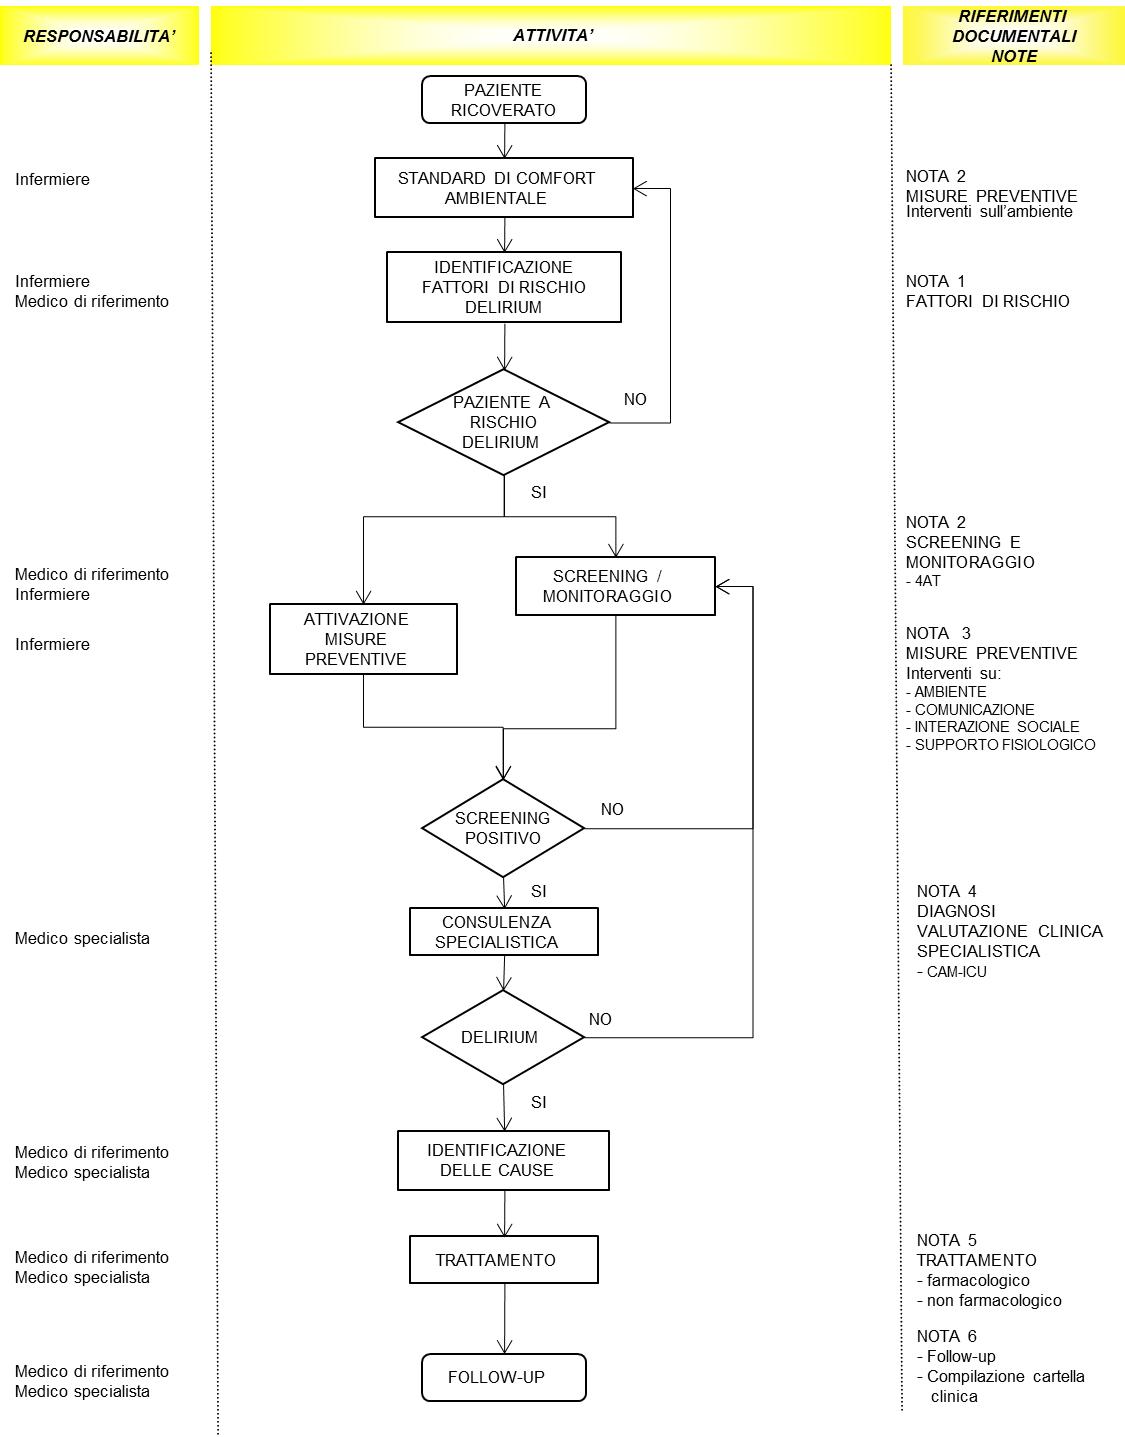 Figura 1 - Diagramma di flusso del Percorso Assistenziale Delirium: prevenzione, diagnosi e trattamento del paziente adulto ricoverato